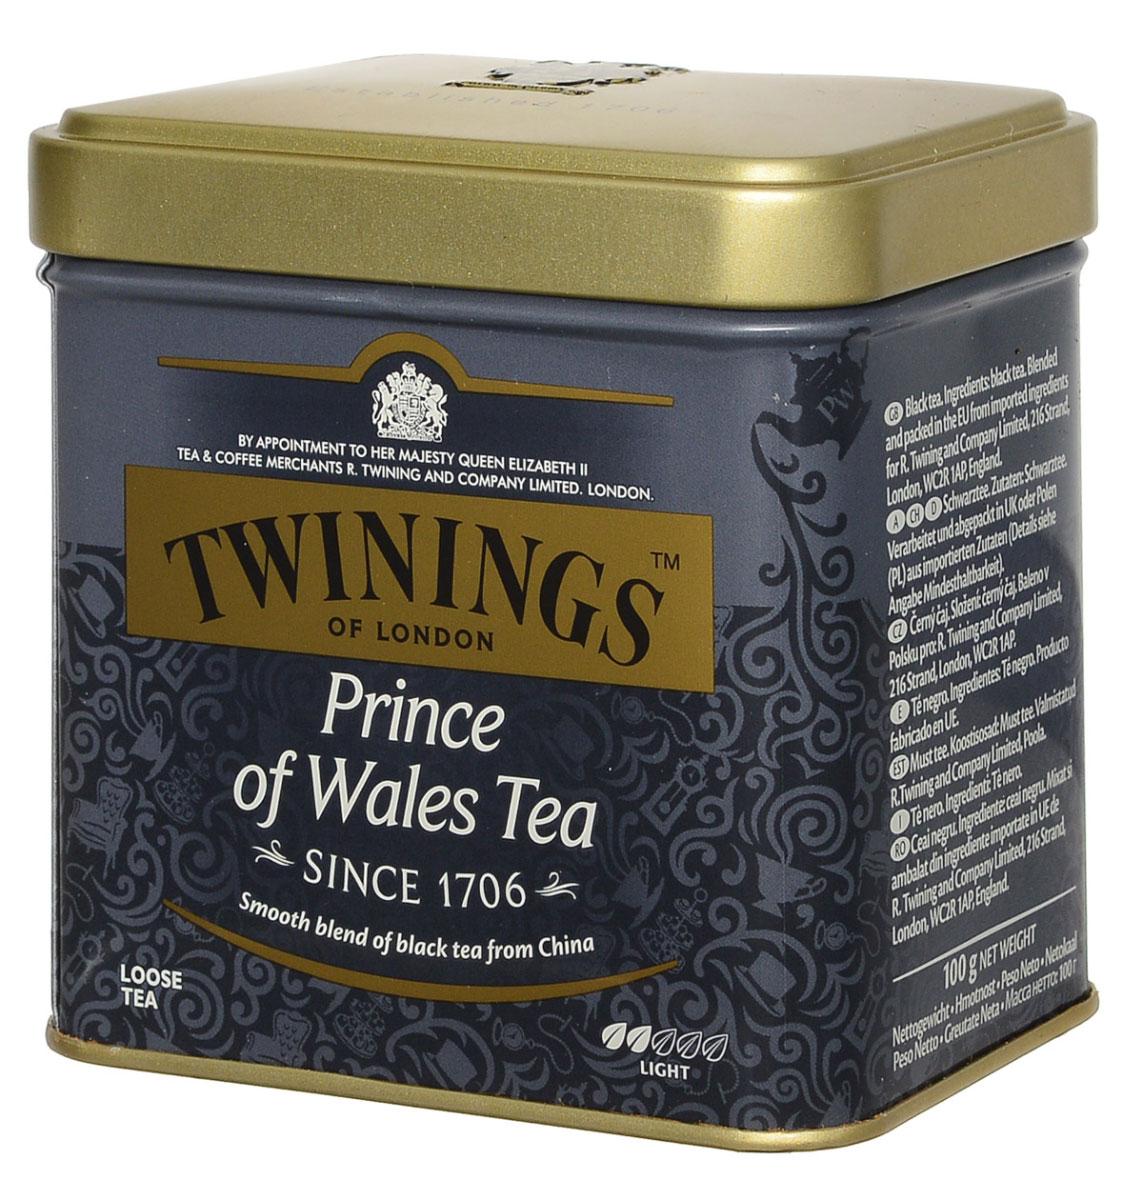 Twinings Prince of Wales чай черный листовой, 100 г101246Чай Twinings Prince of Wales идеально подойдет для любителей черного китайского чая. Готовый чай имеет насыщенный неповторимый вкус и аромат.